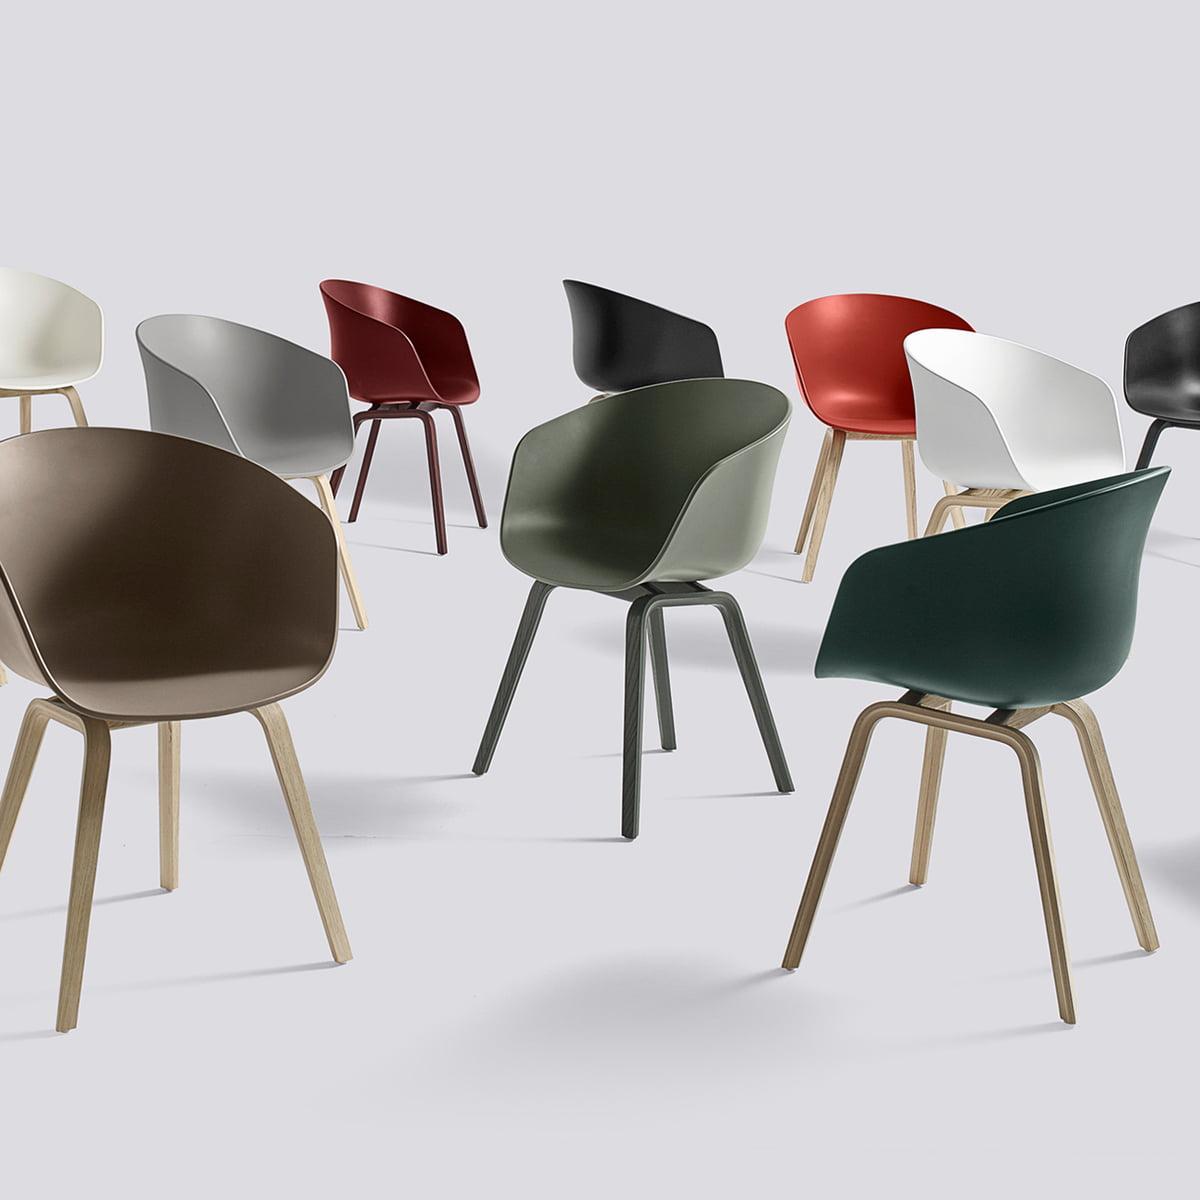 aac stuhl von hay mit farbigem gestell kaufen. Black Bedroom Furniture Sets. Home Design Ideas